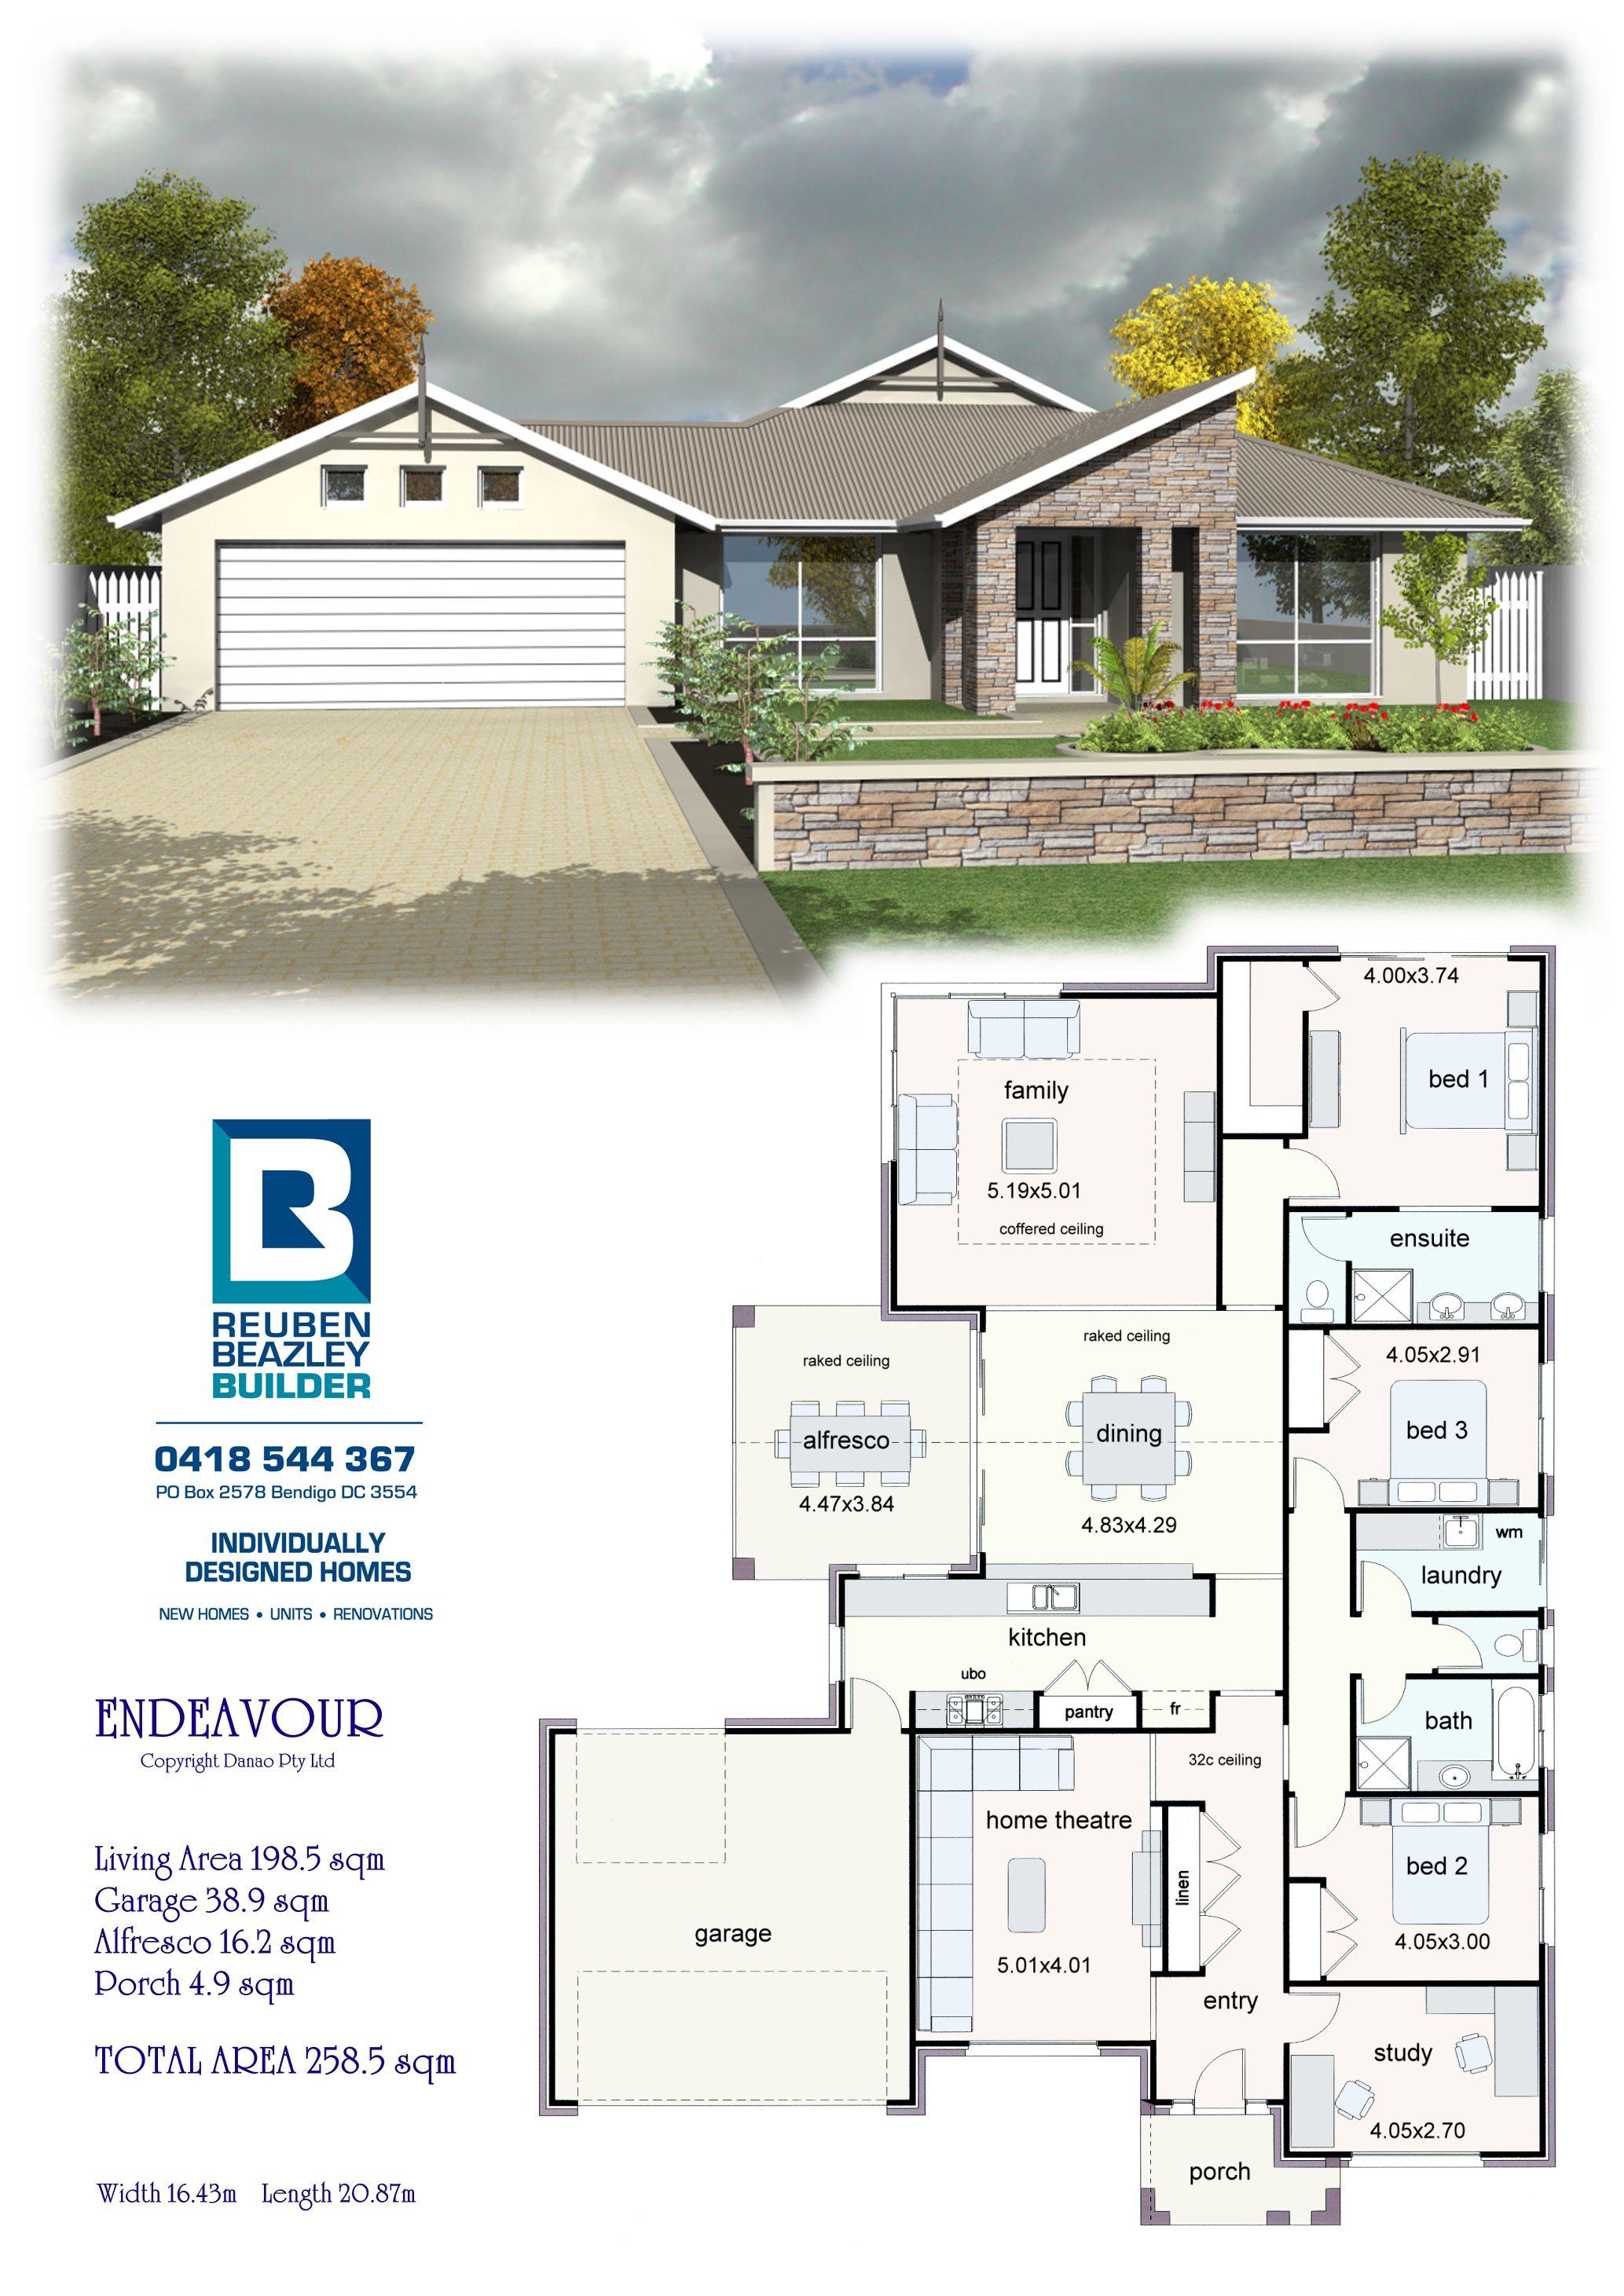 The Endeavour New House Plans House Blueprints Dream House Plans